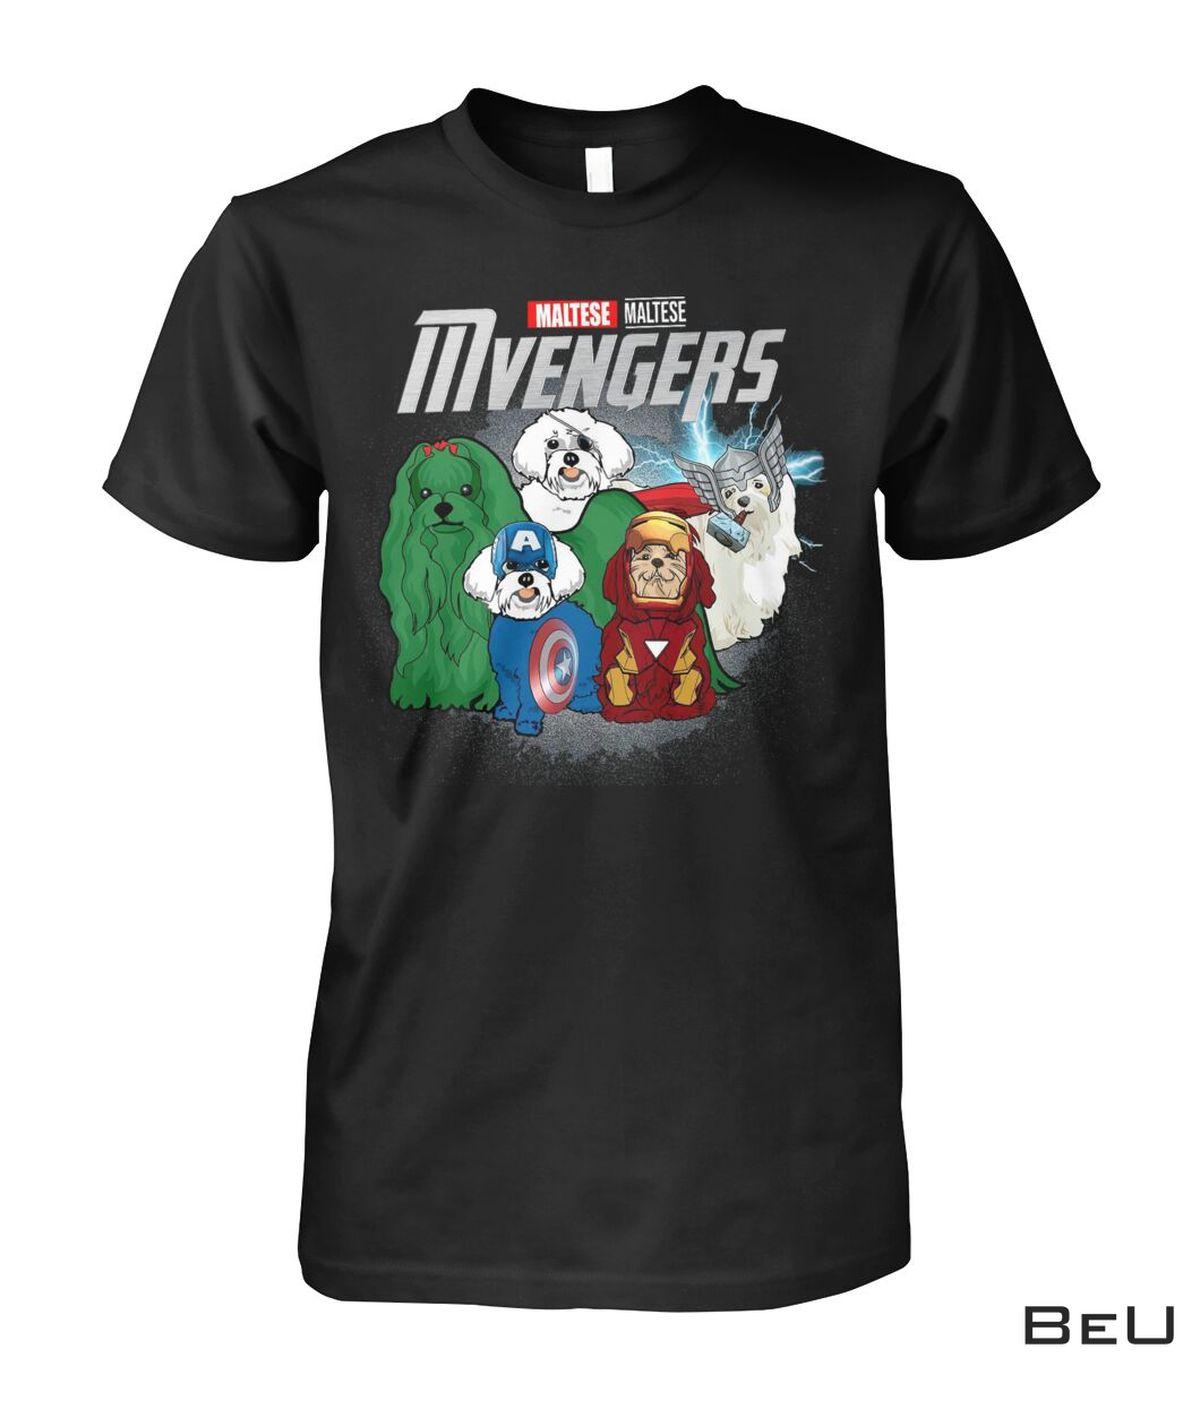 Maltese Mvengers Avengers Shirt